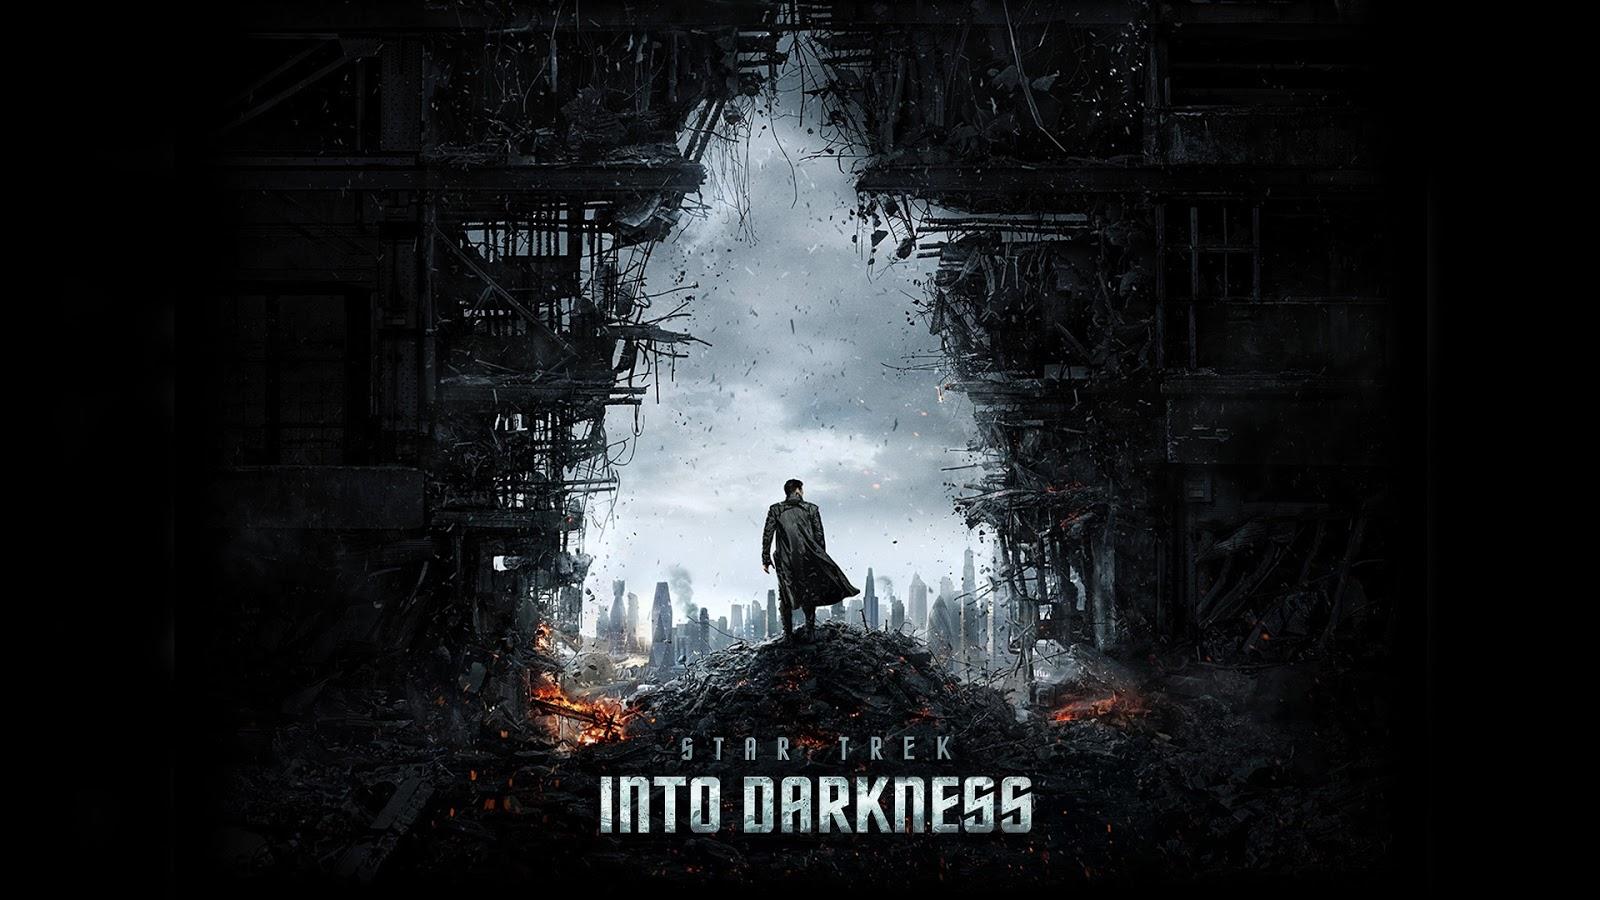 http://3.bp.blogspot.com/-fVnfQ2BznHw/UPPX2Gax5TI/AAAAAAAAPyQ/q38c5GEJpVo/s1600/star-trek-into-darkness.jpg